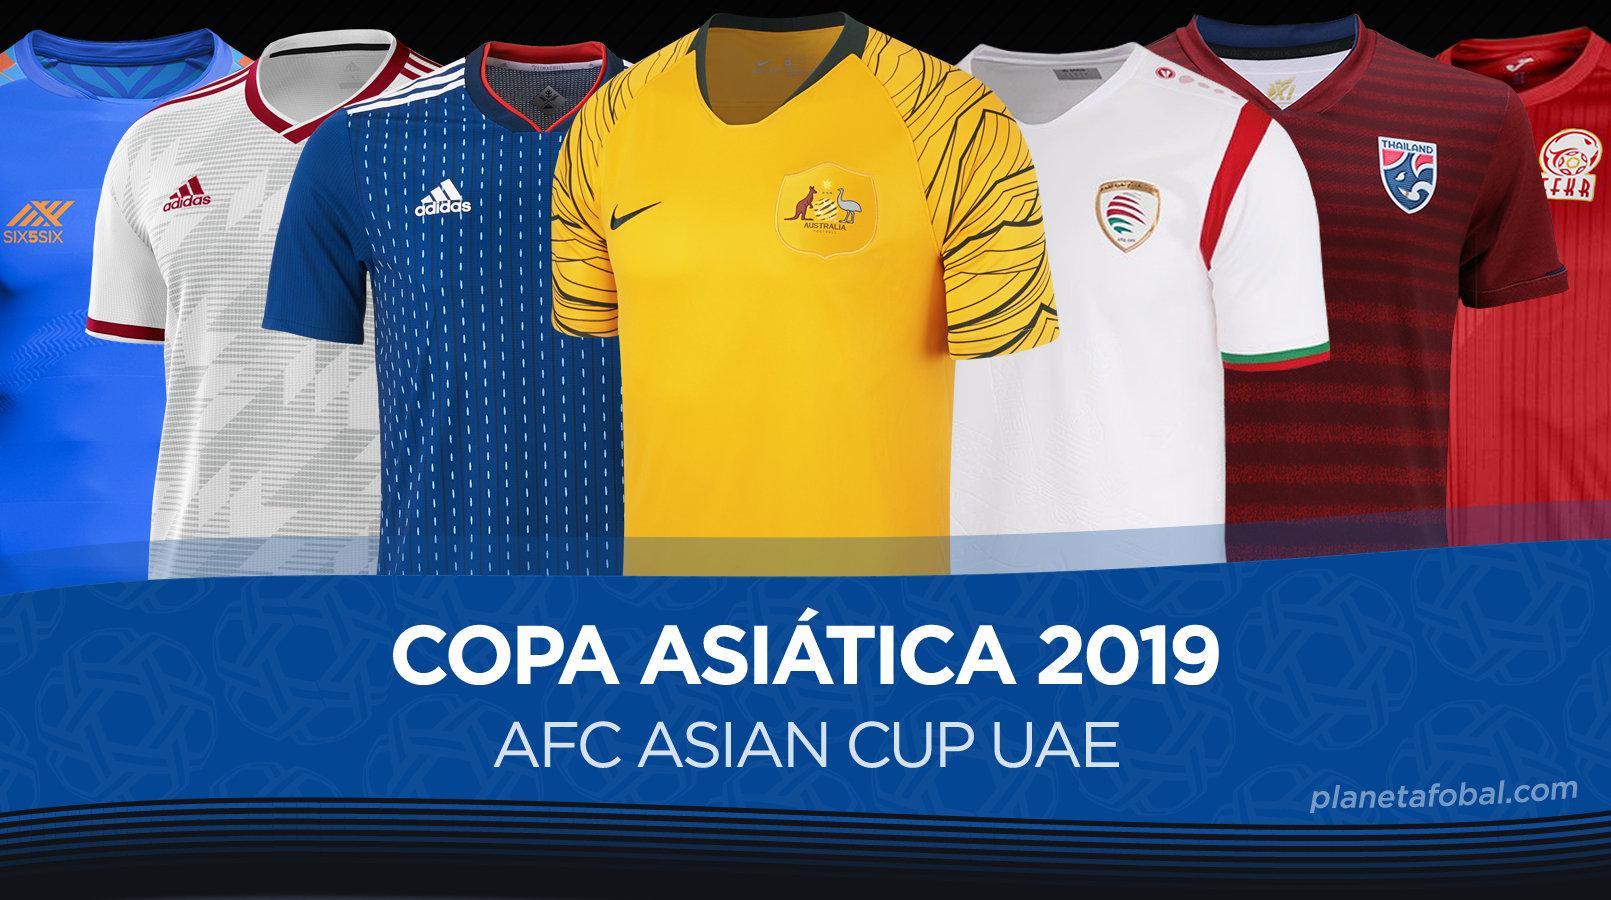 R Costoso Máquina de recepción  Camisetas de la AFC Asian Cup 2019